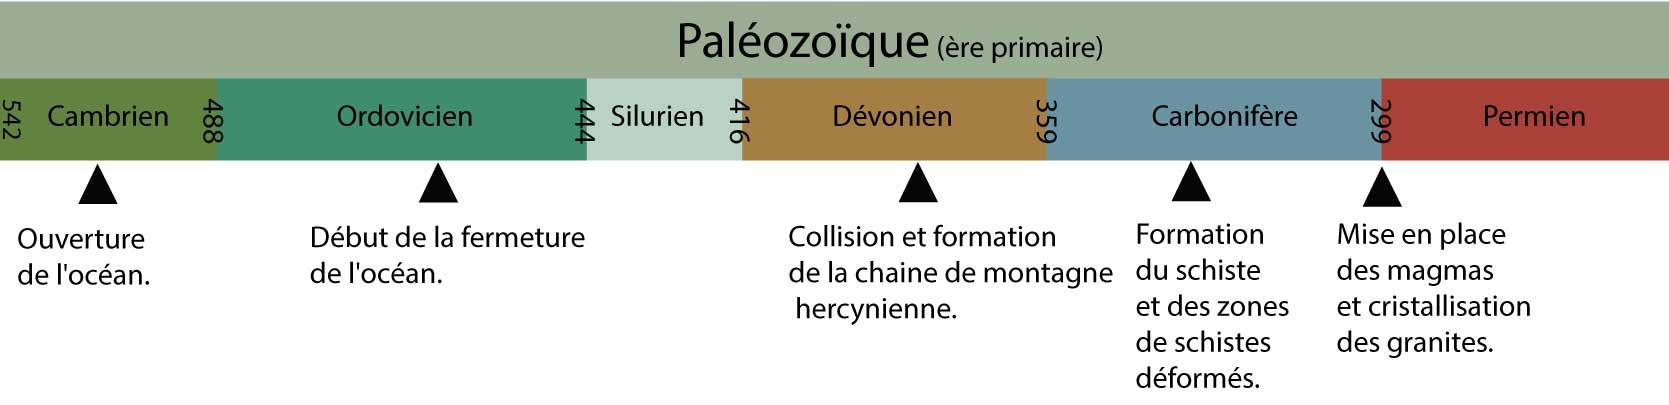 Échelle des temps paléozoïques et les événements géologiques en Cévennes.